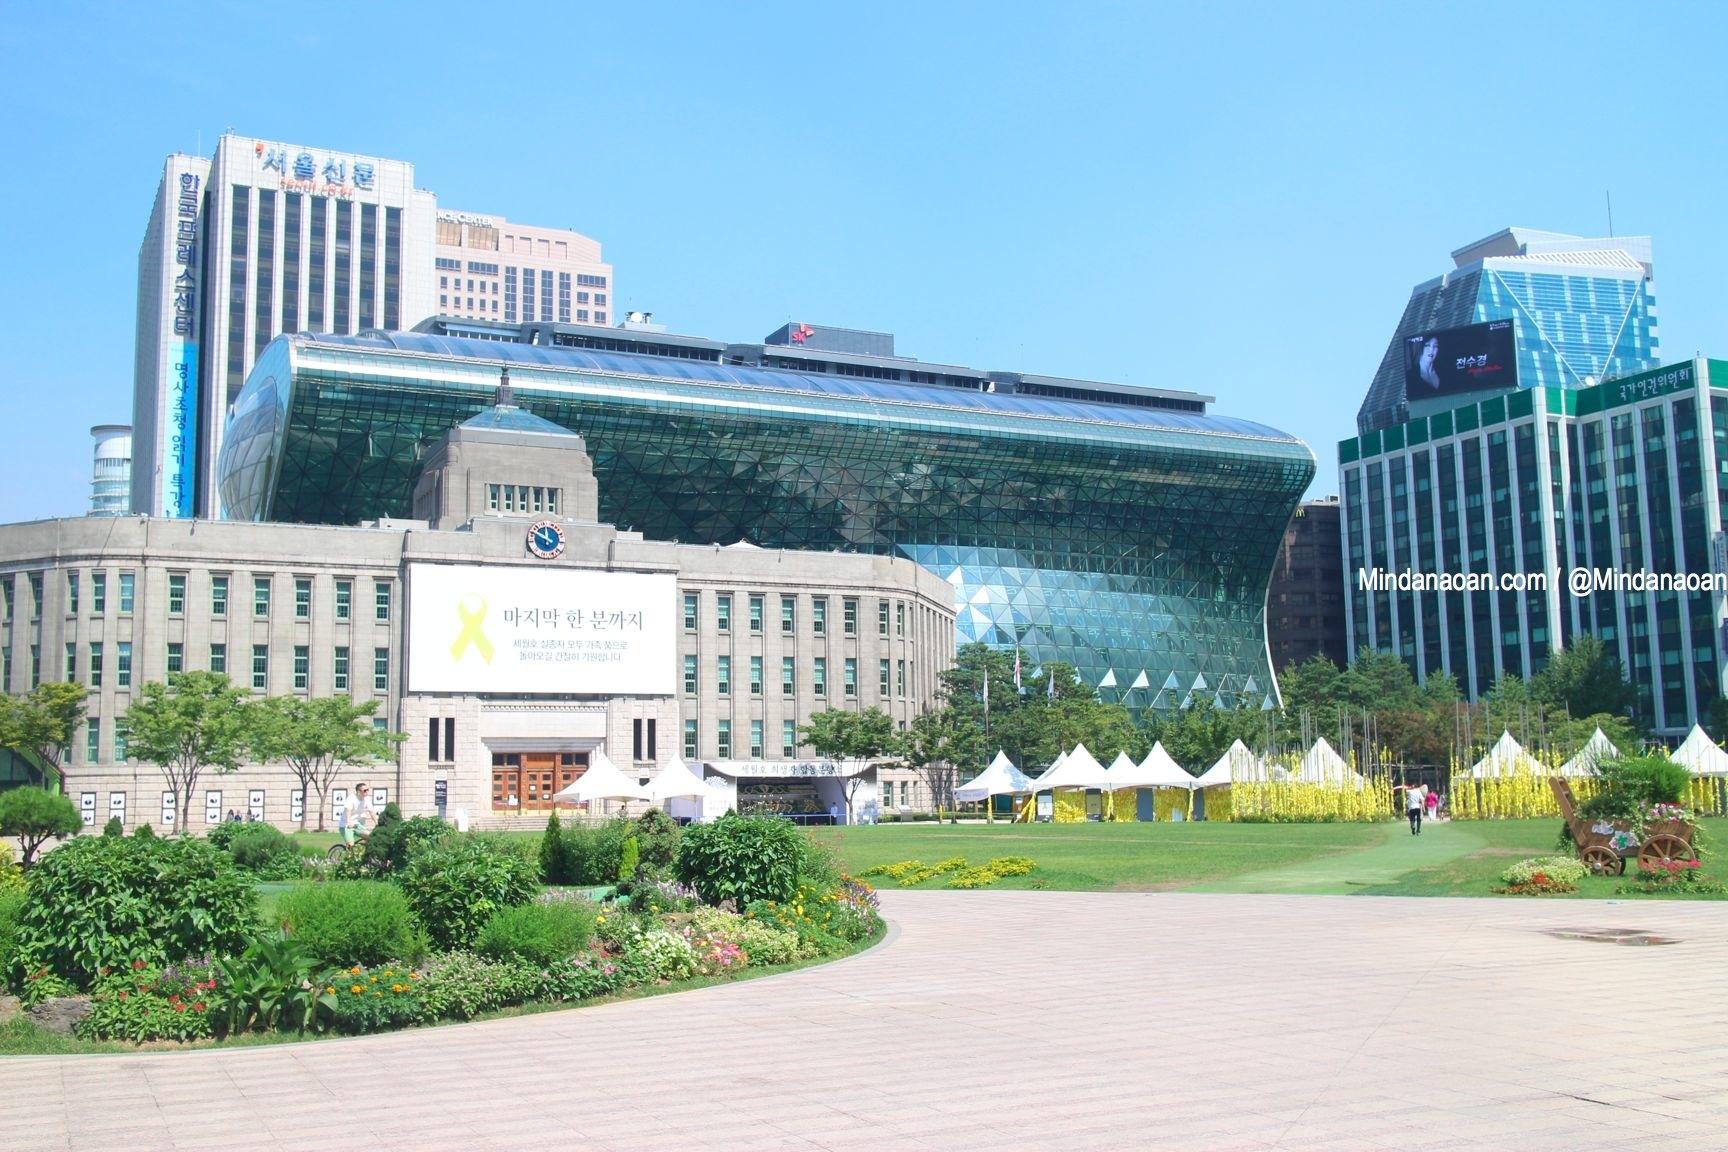 seoul-korea-city-hall